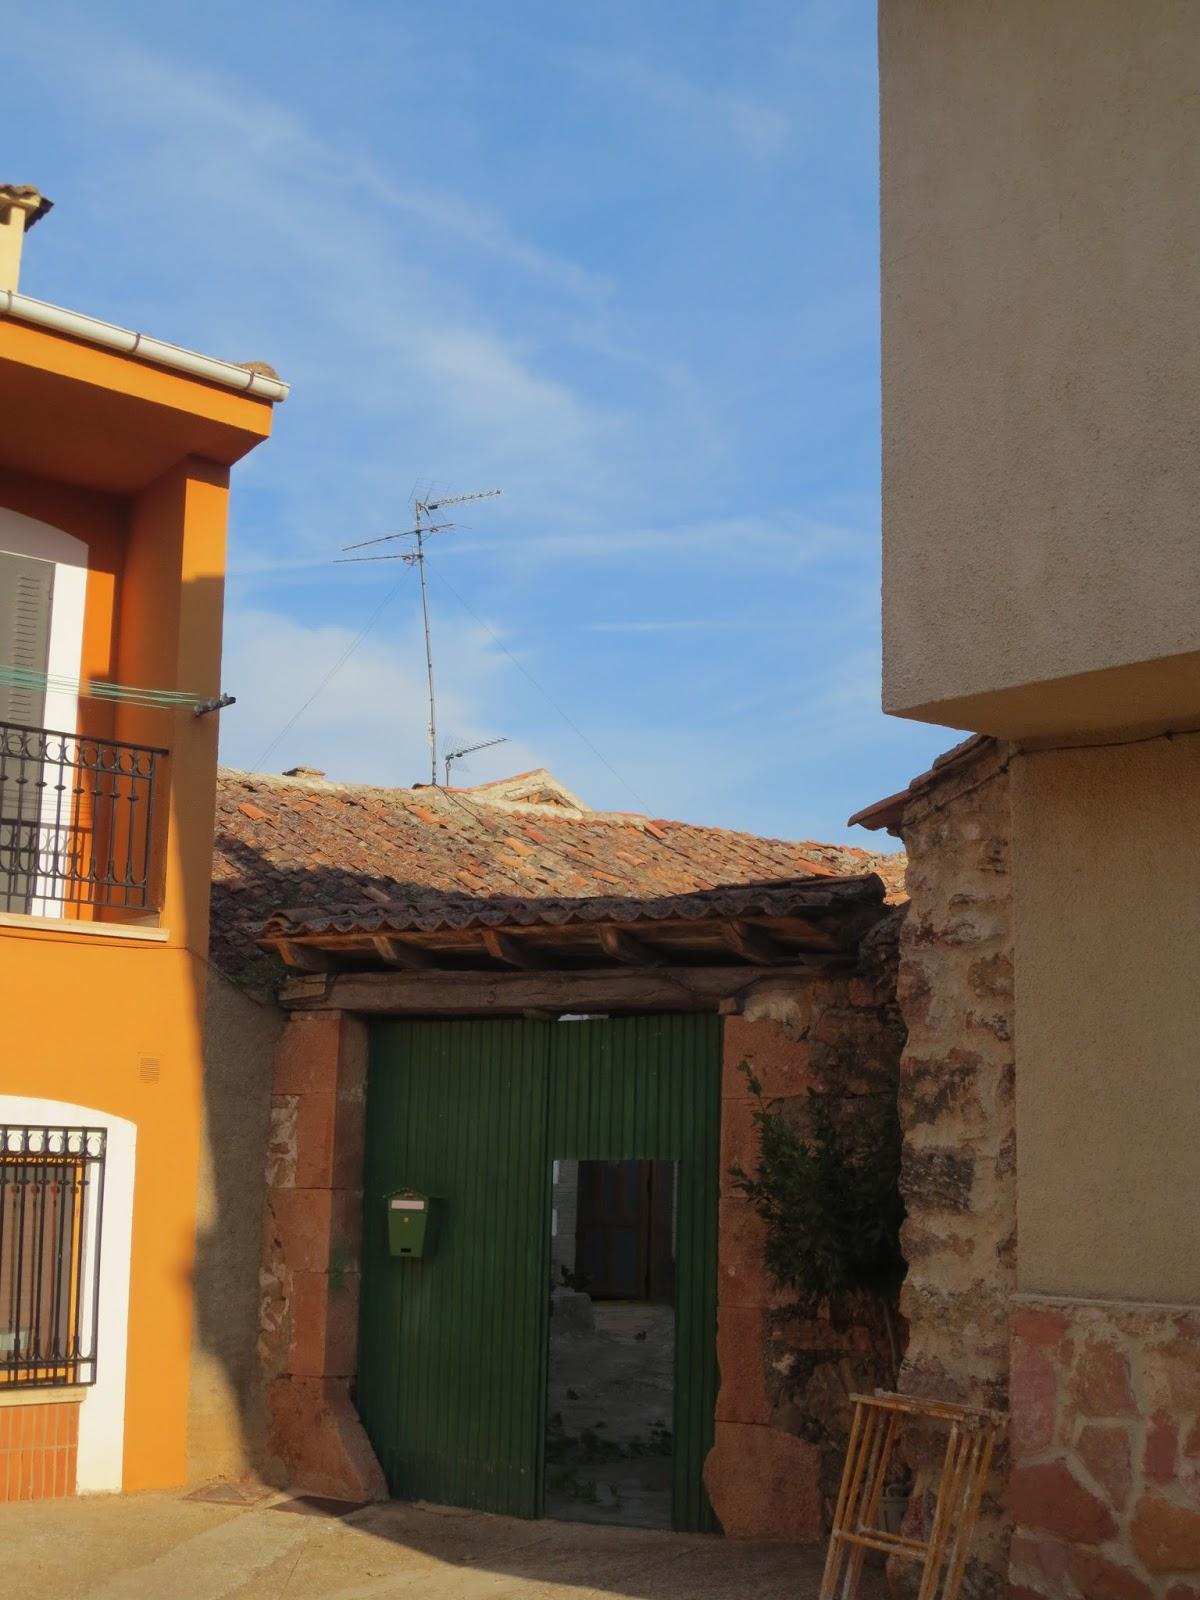 El talon sierte construcci n en segovia rehabilitaci n y - Rehabilitacion de casas antiguas ...